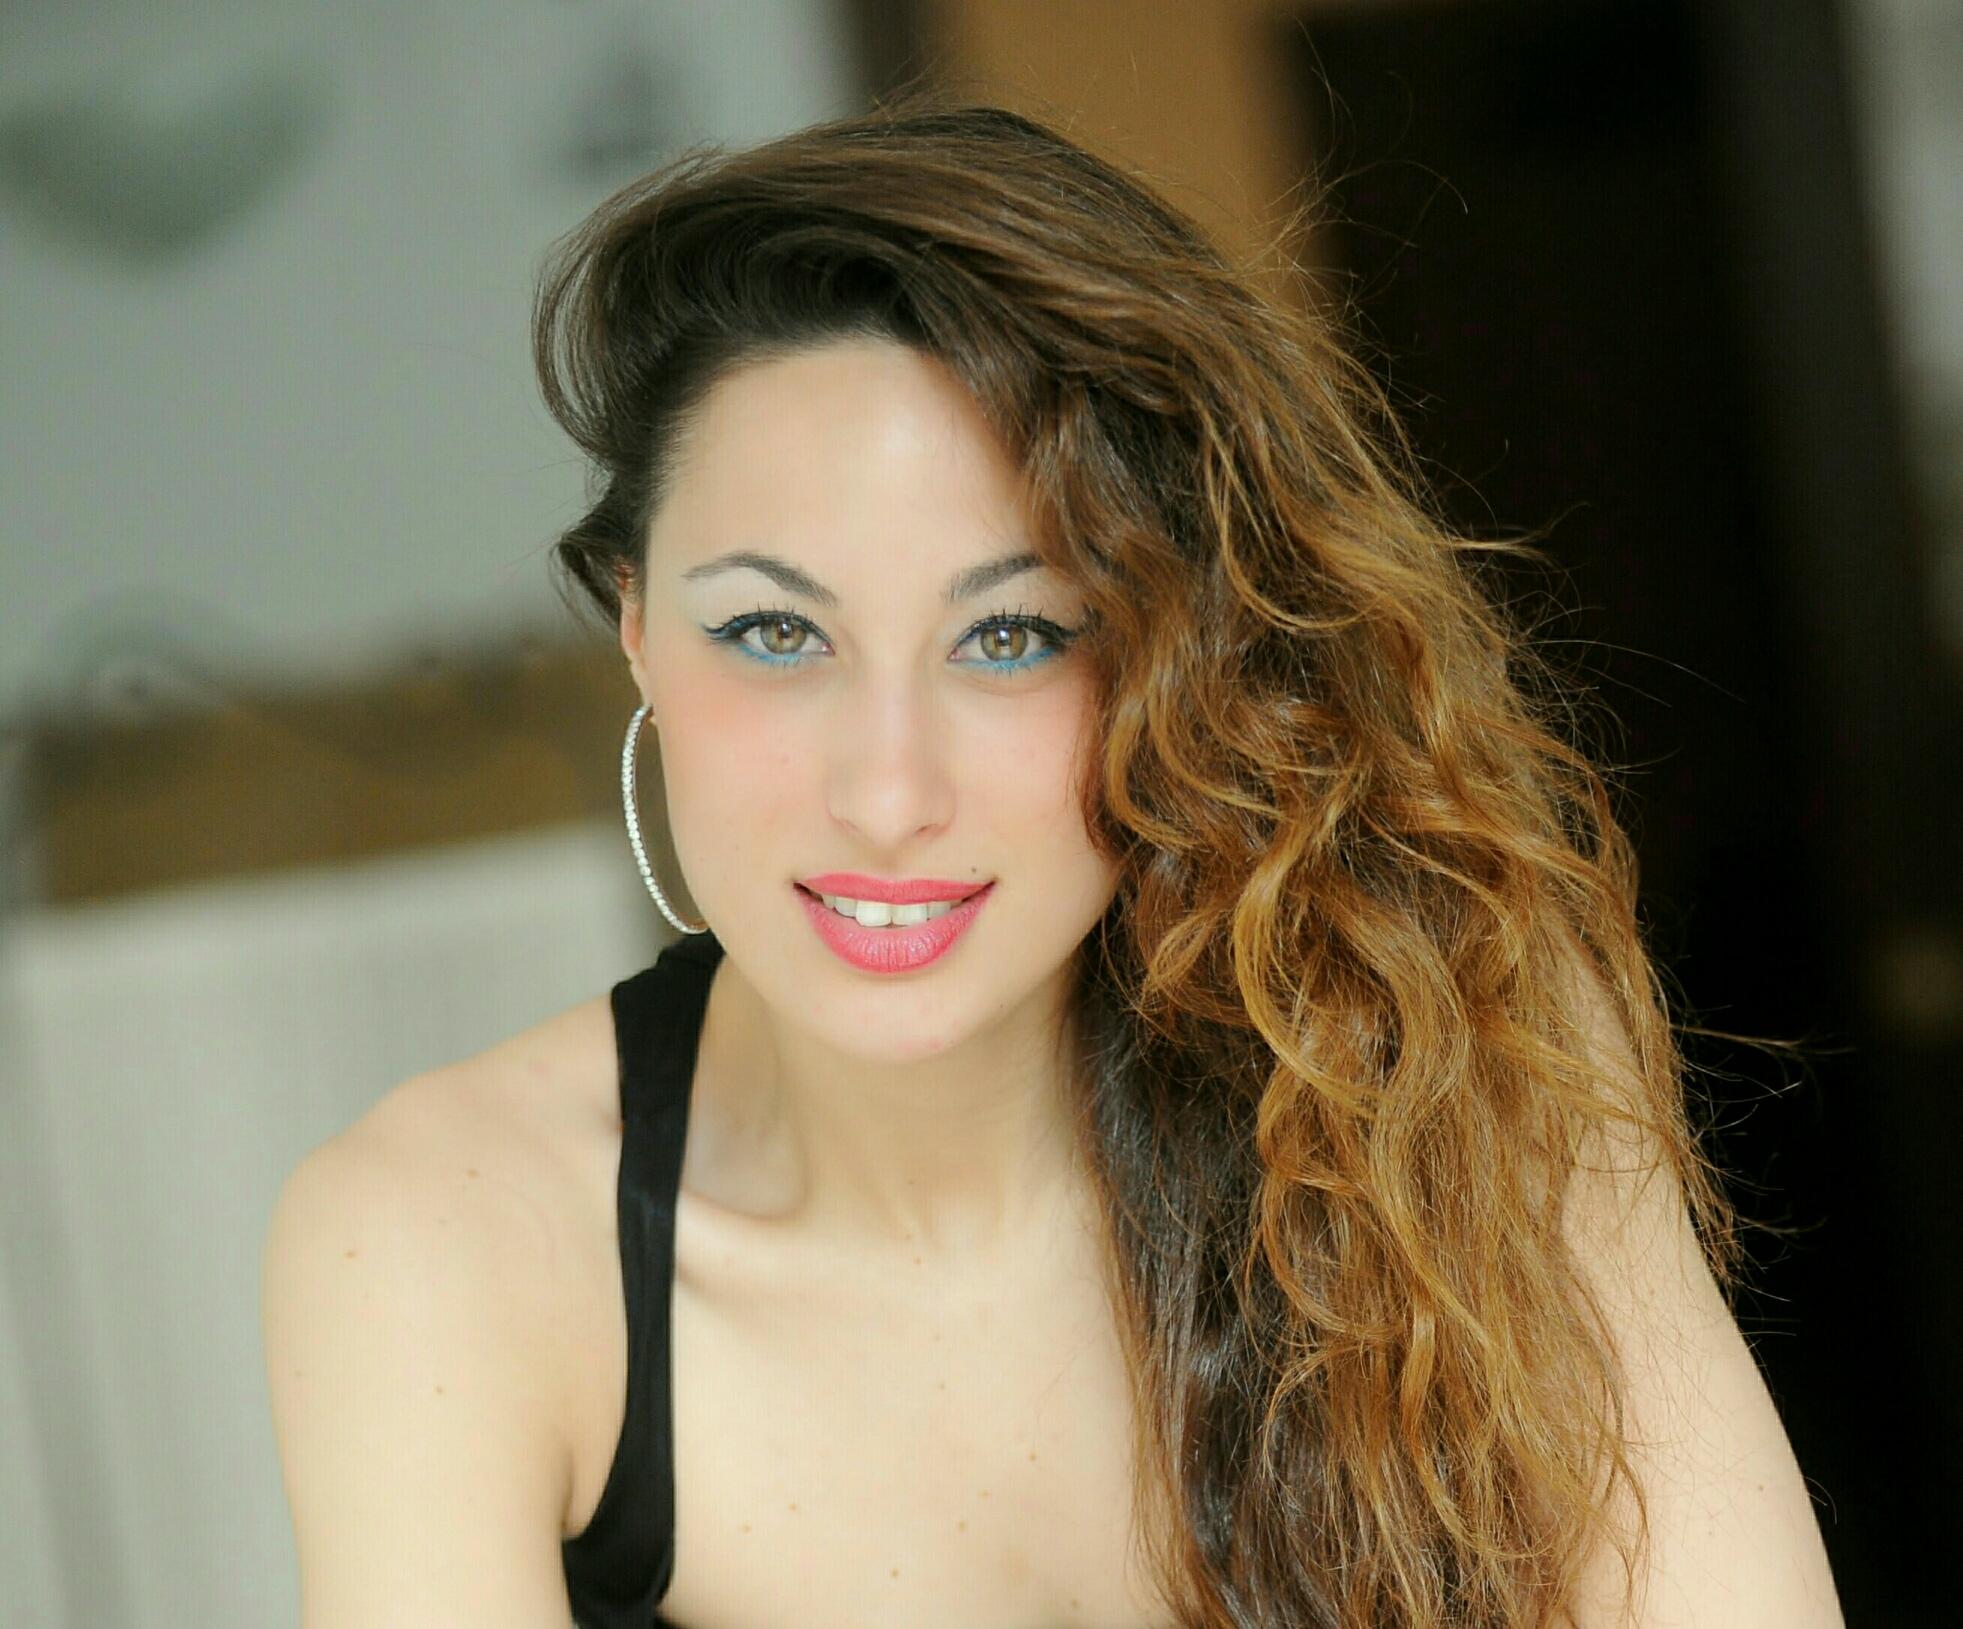 Jessica Aiello